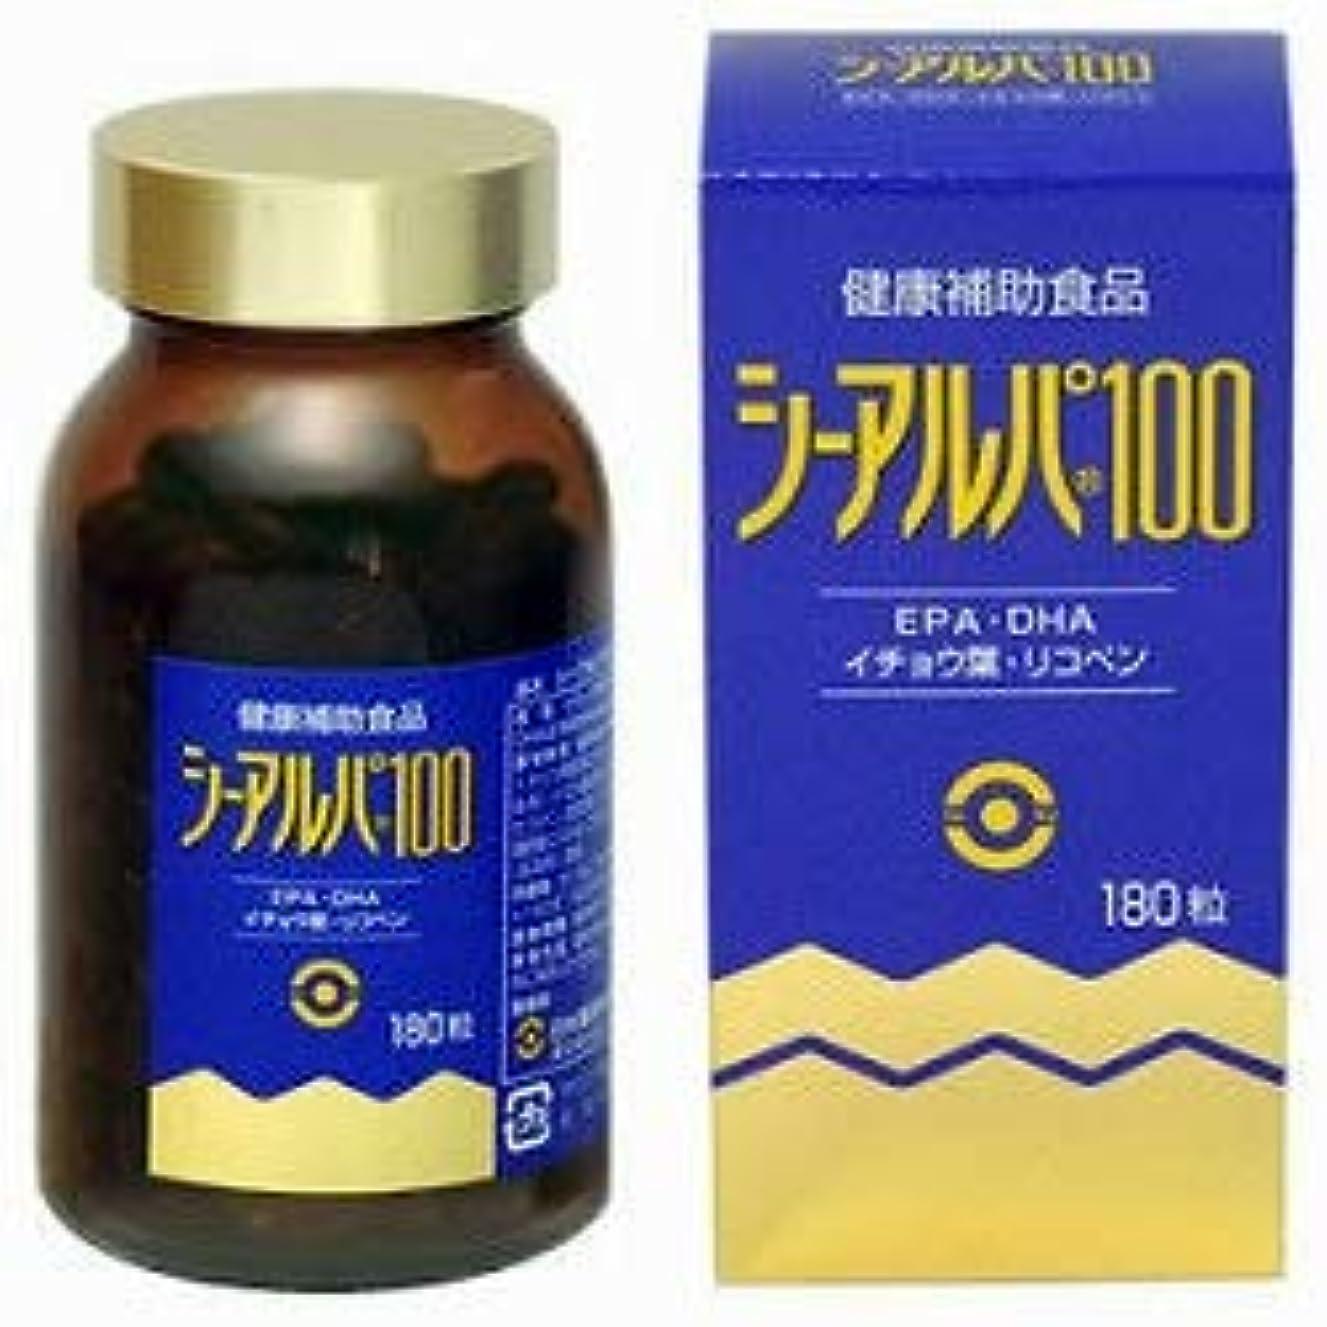 動機付けるに負ける効果【日水製薬】シーアルパ100 180粒